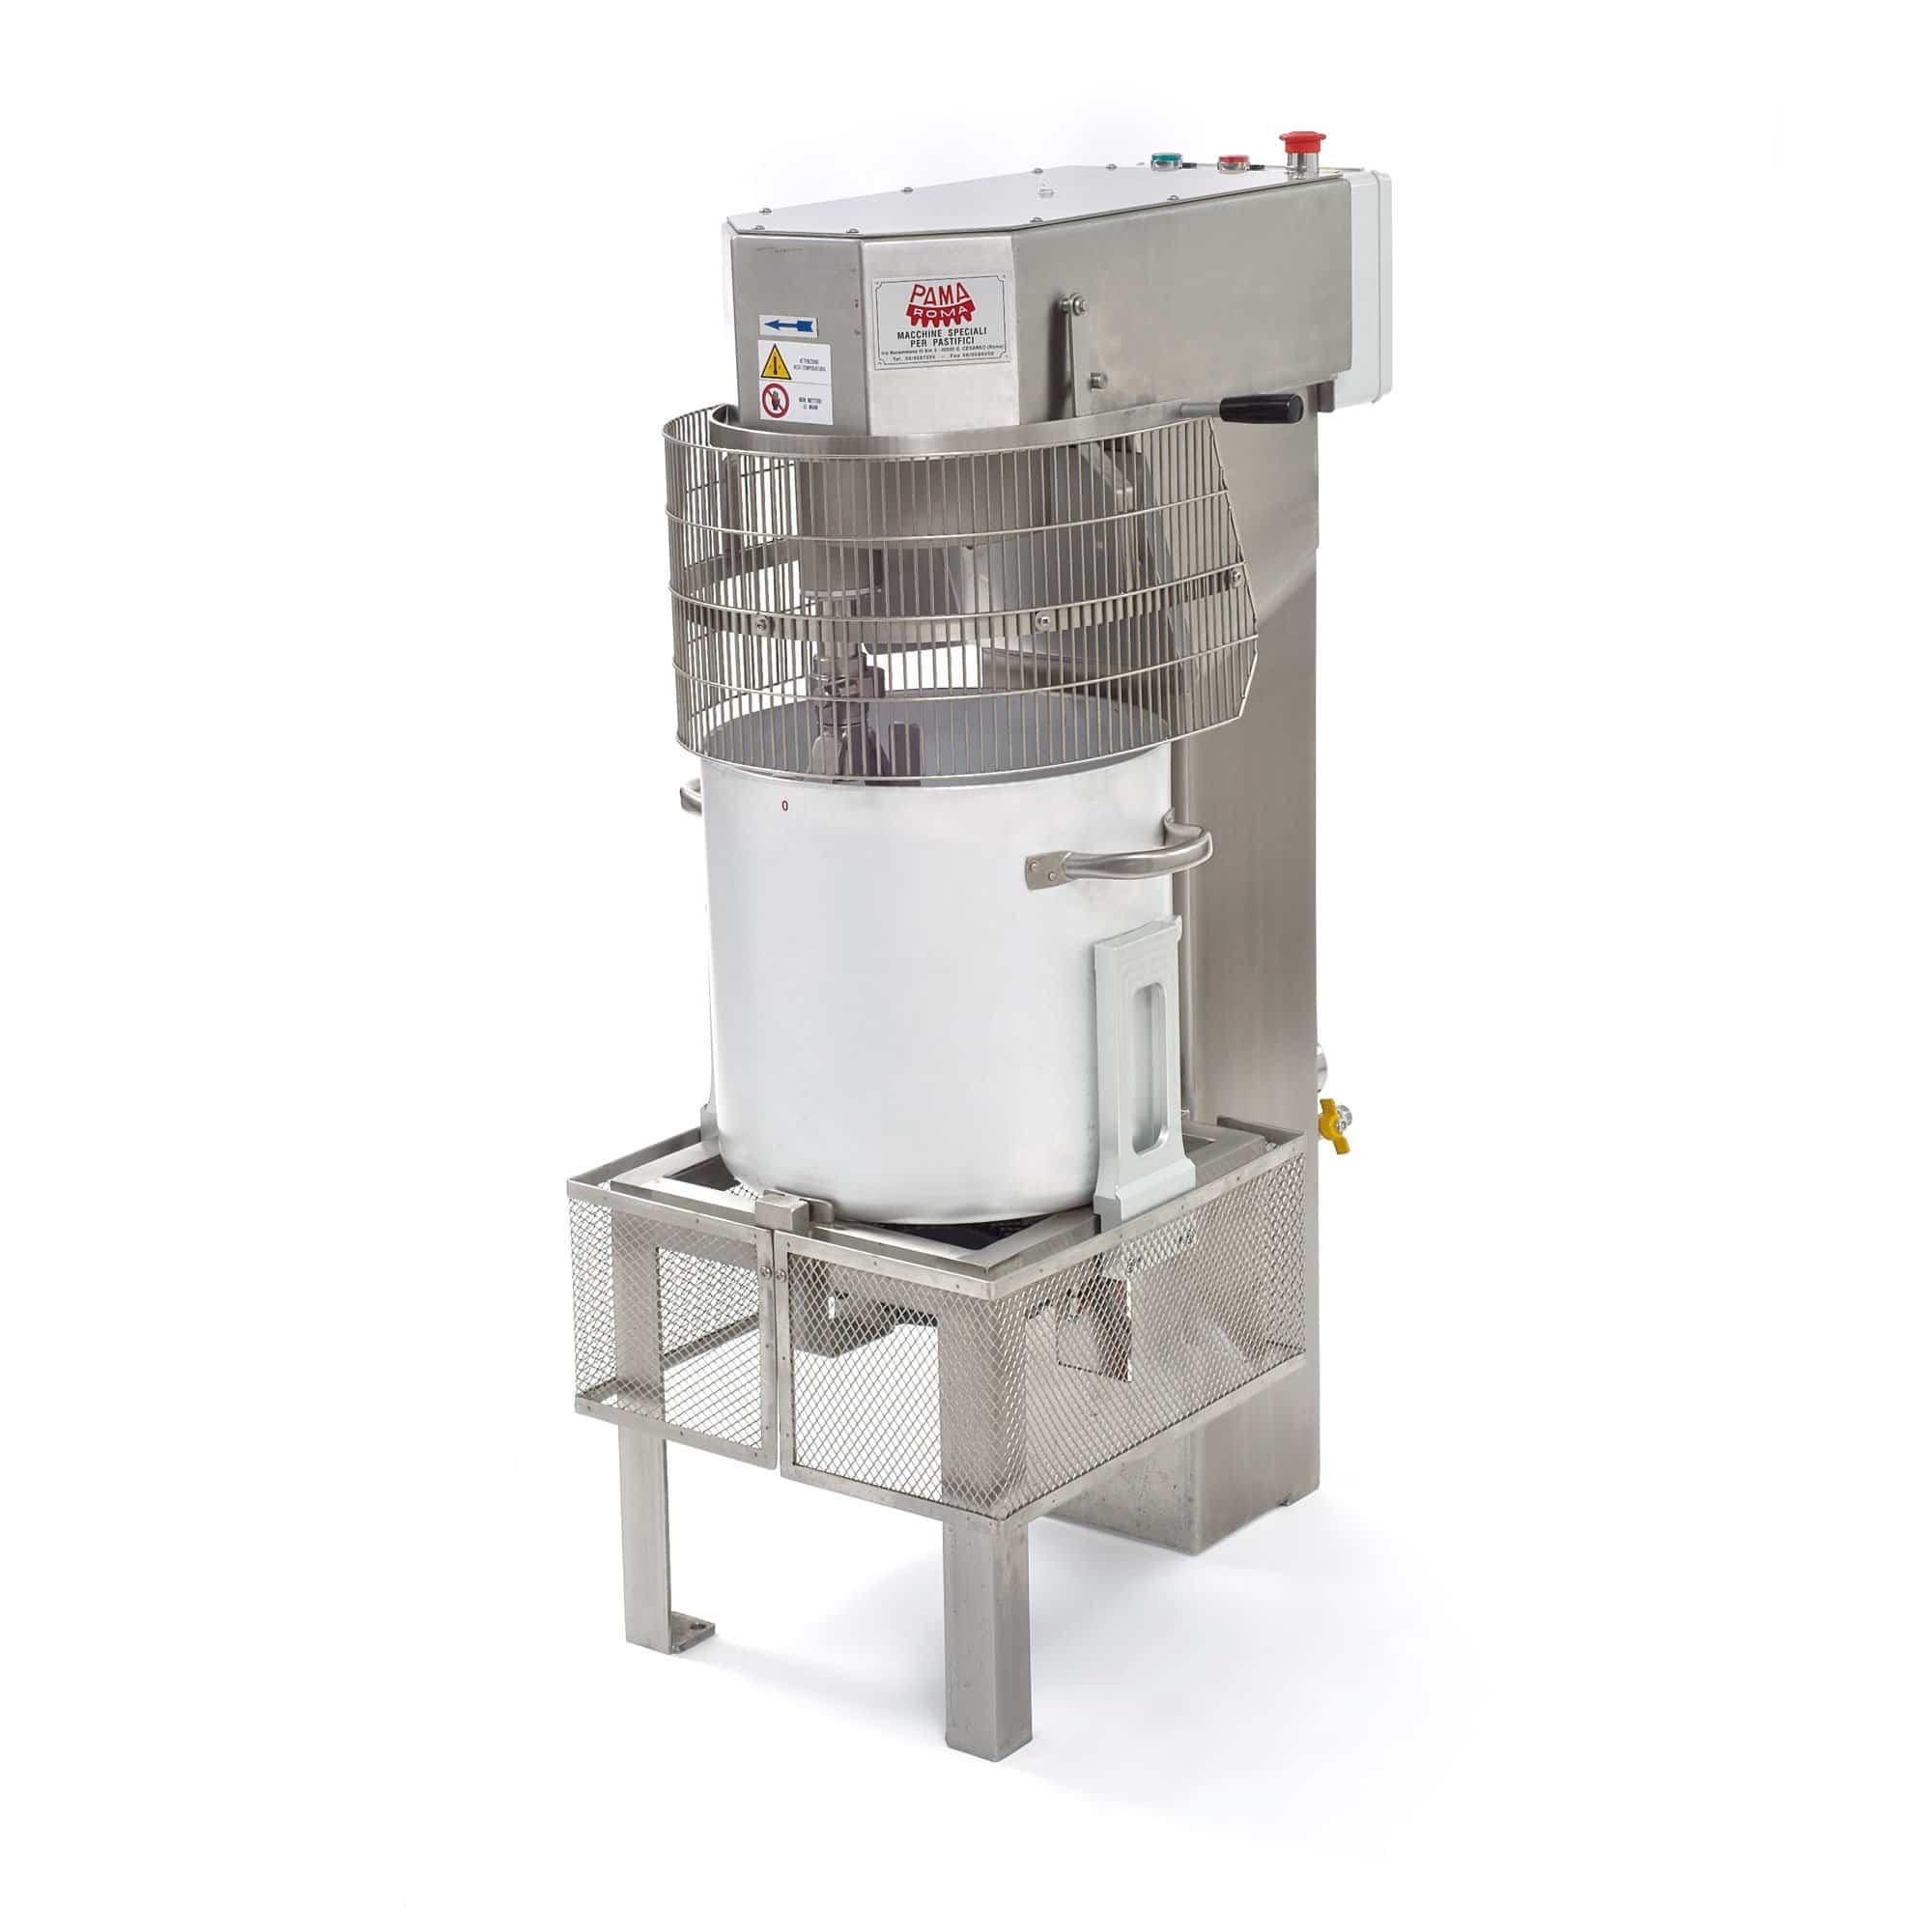 Macchine per pasta fresca bollitore cuocitore per gnocchi